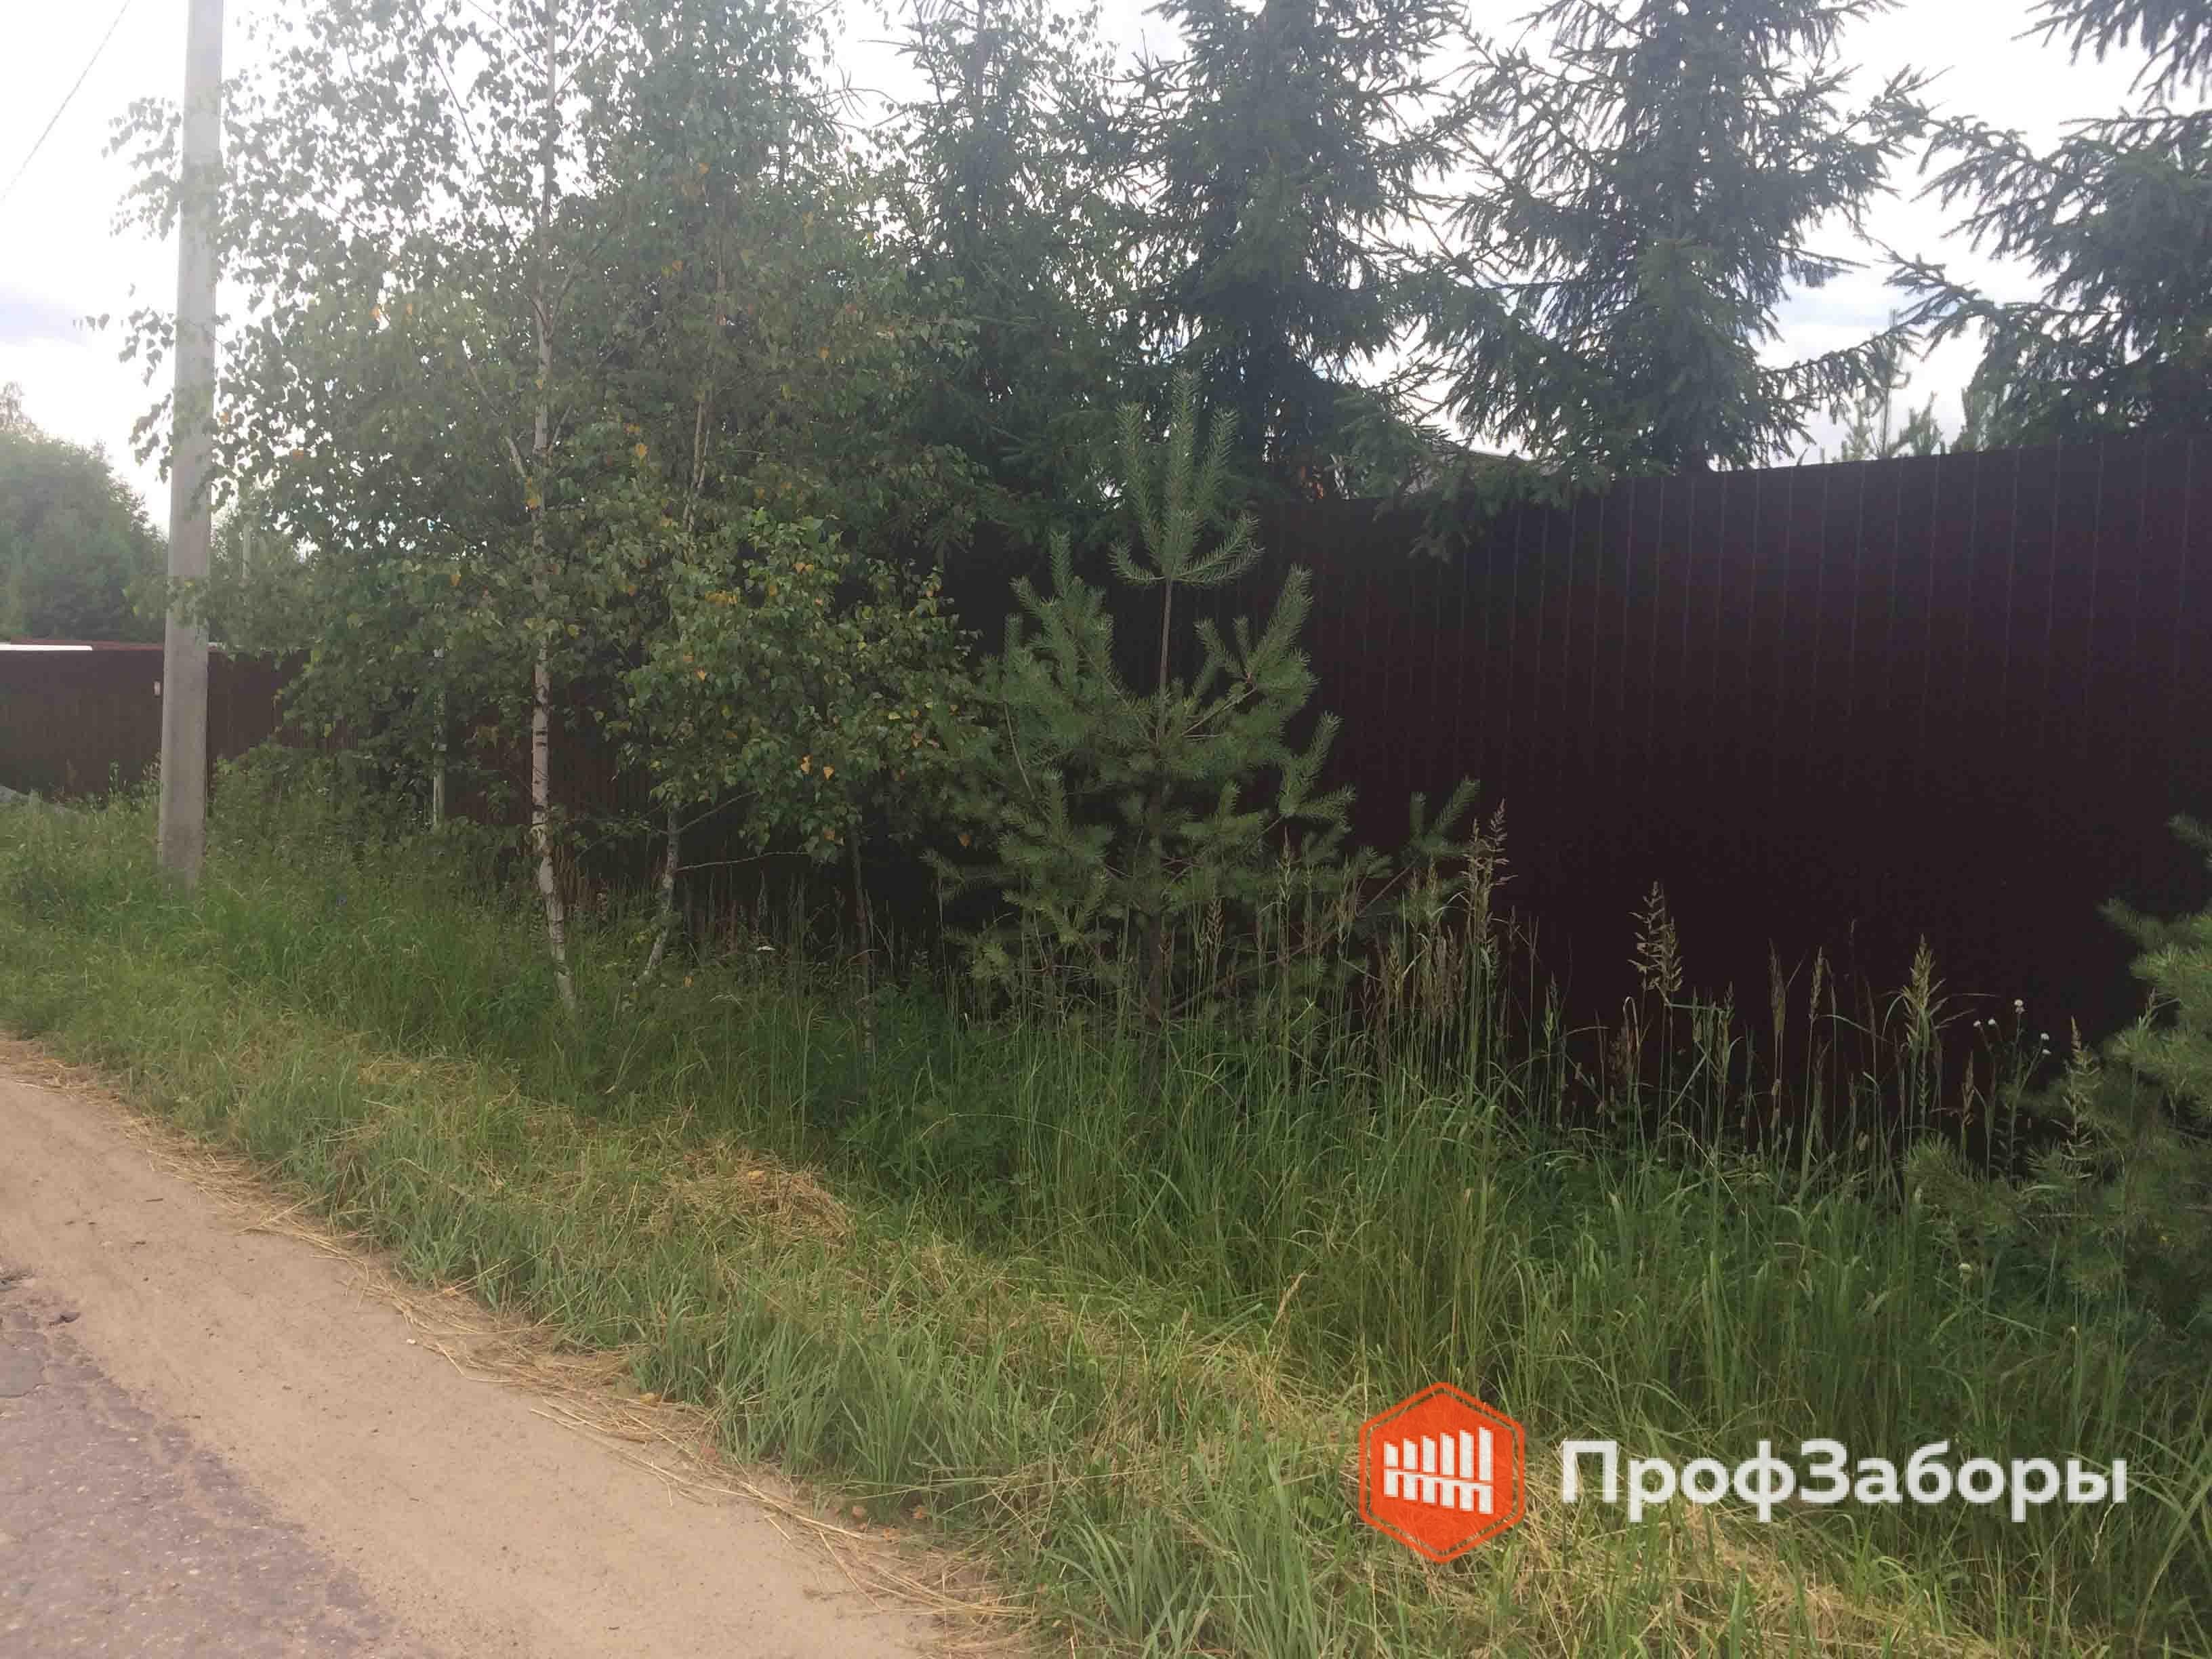 Заборы Из профнастила  - Городской округ Егорьевск. Фото 2